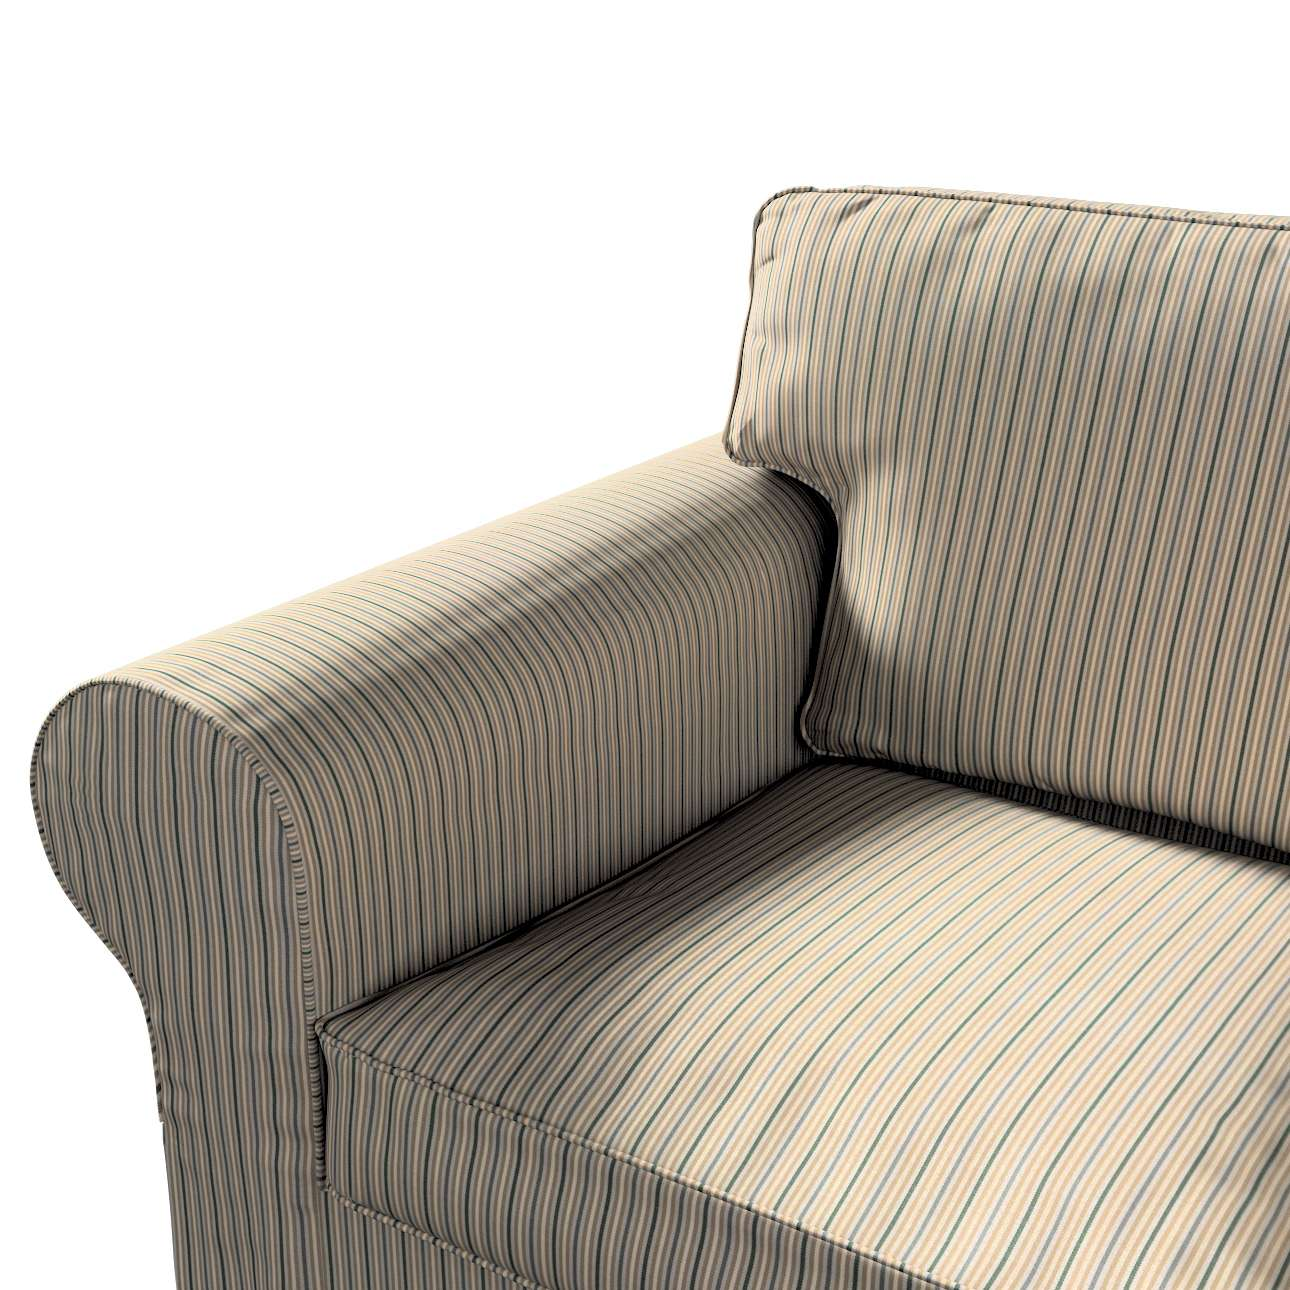 Pokrowiec na sofę Ektorp 2-osobową rozkładaną, model po 2012 w kolekcji Londres, tkanina: 143-38